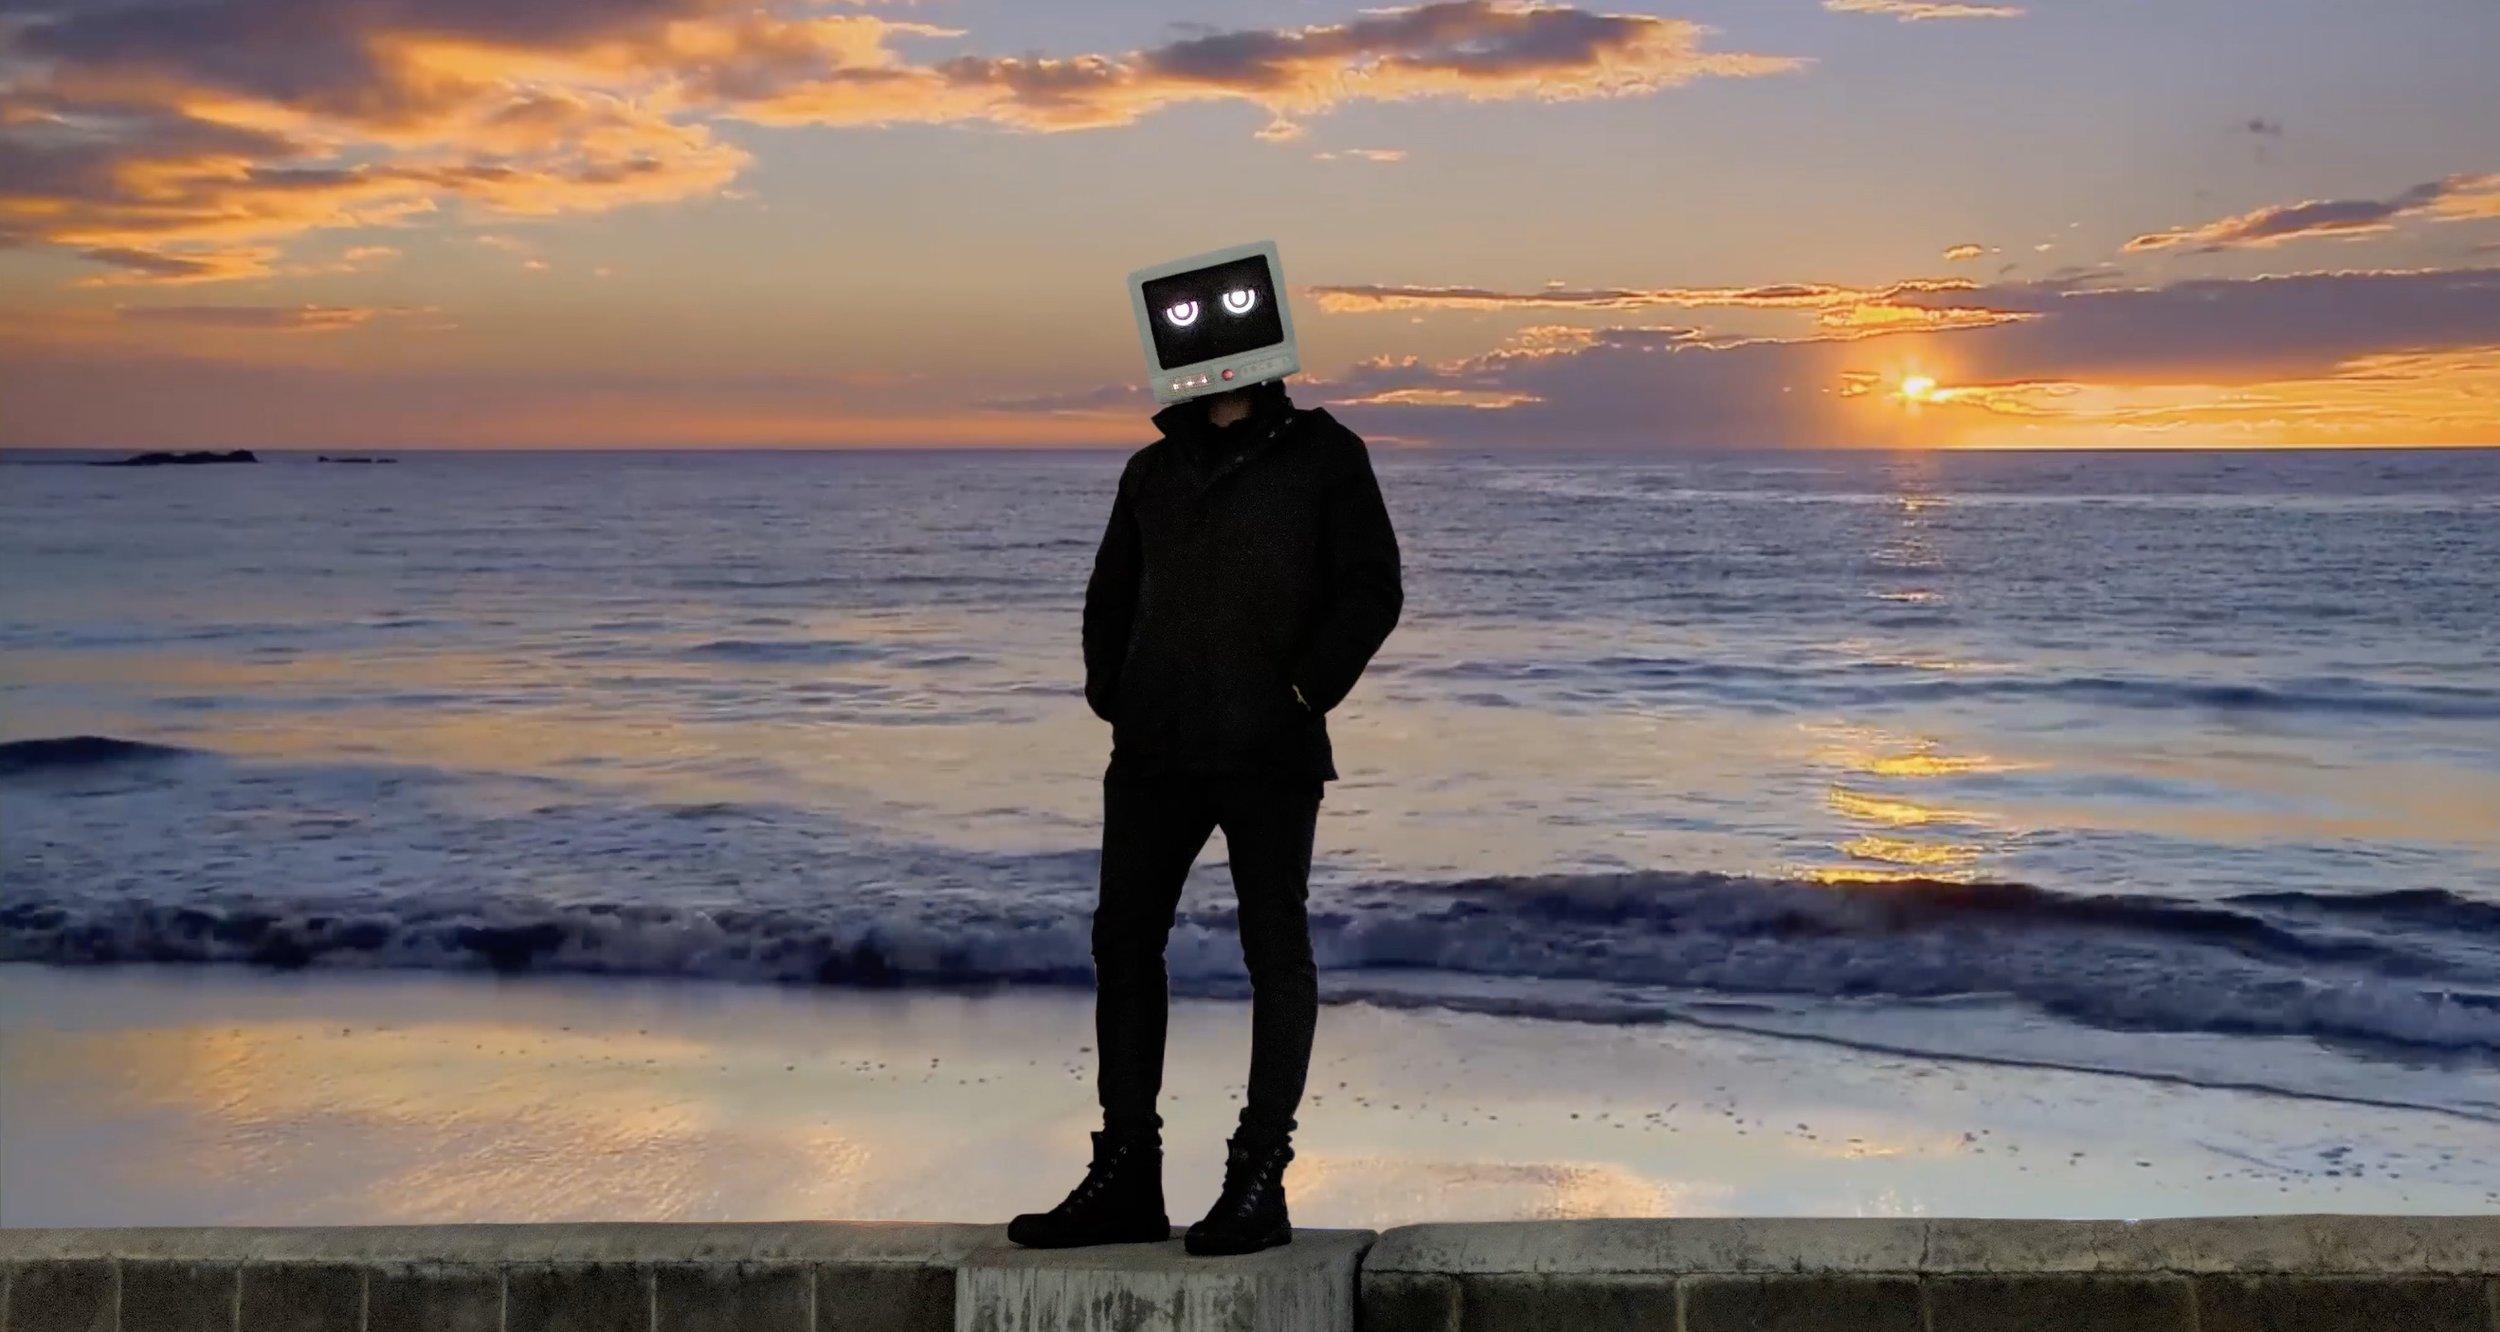 Ocean wall robot sillhouette.jpg